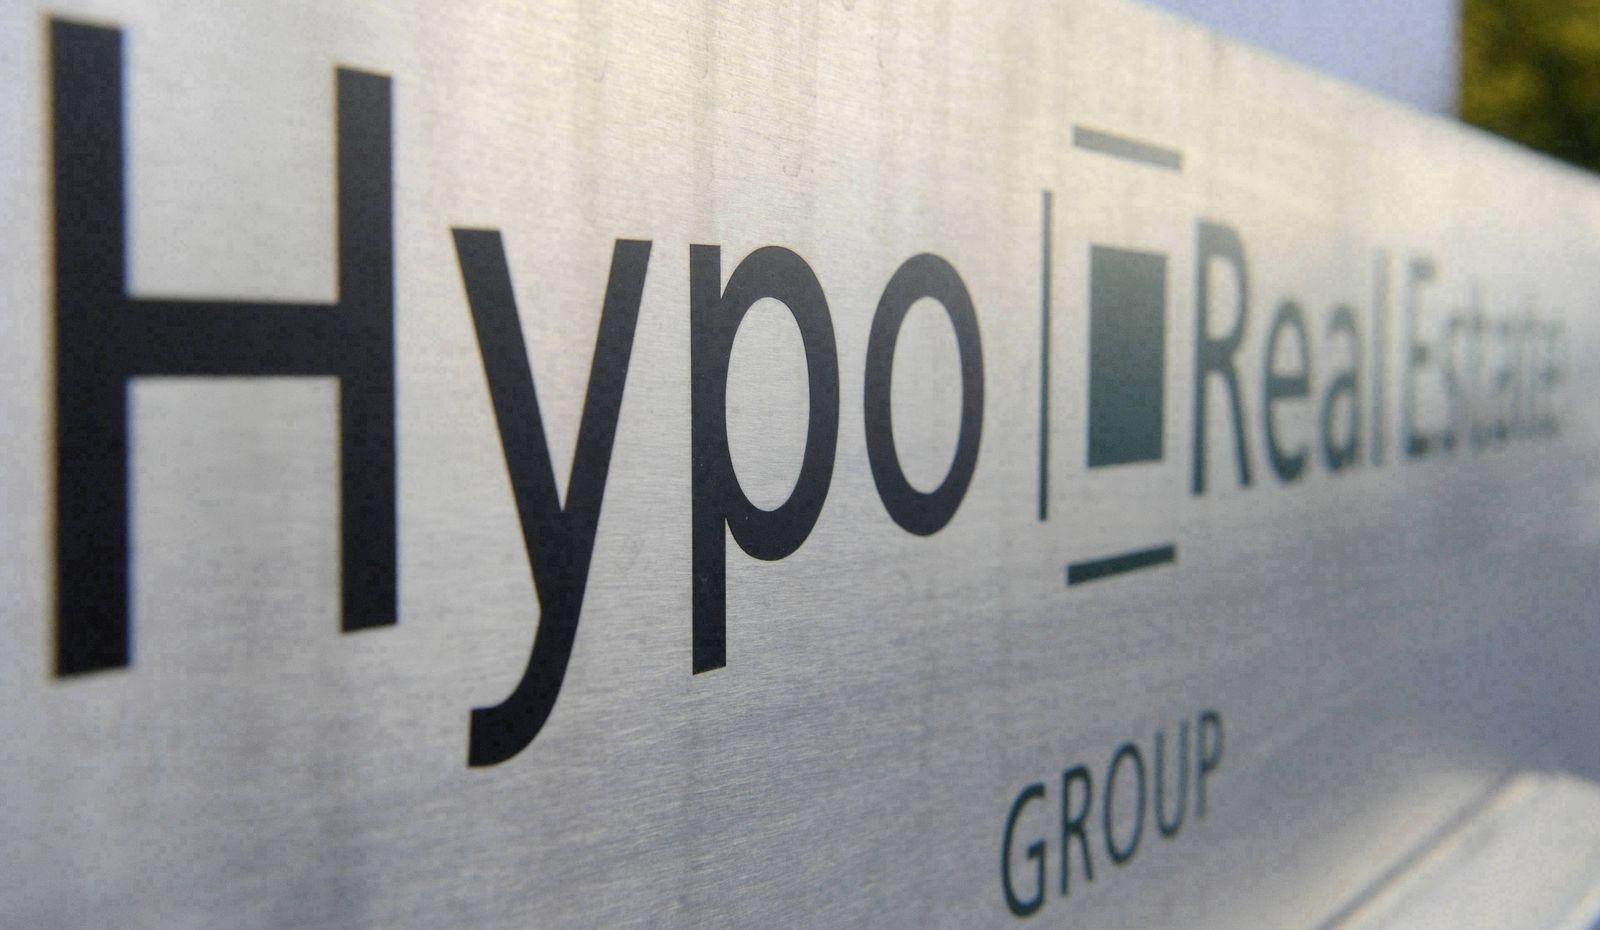 NICHT VERWENDEN hypo real estate logo